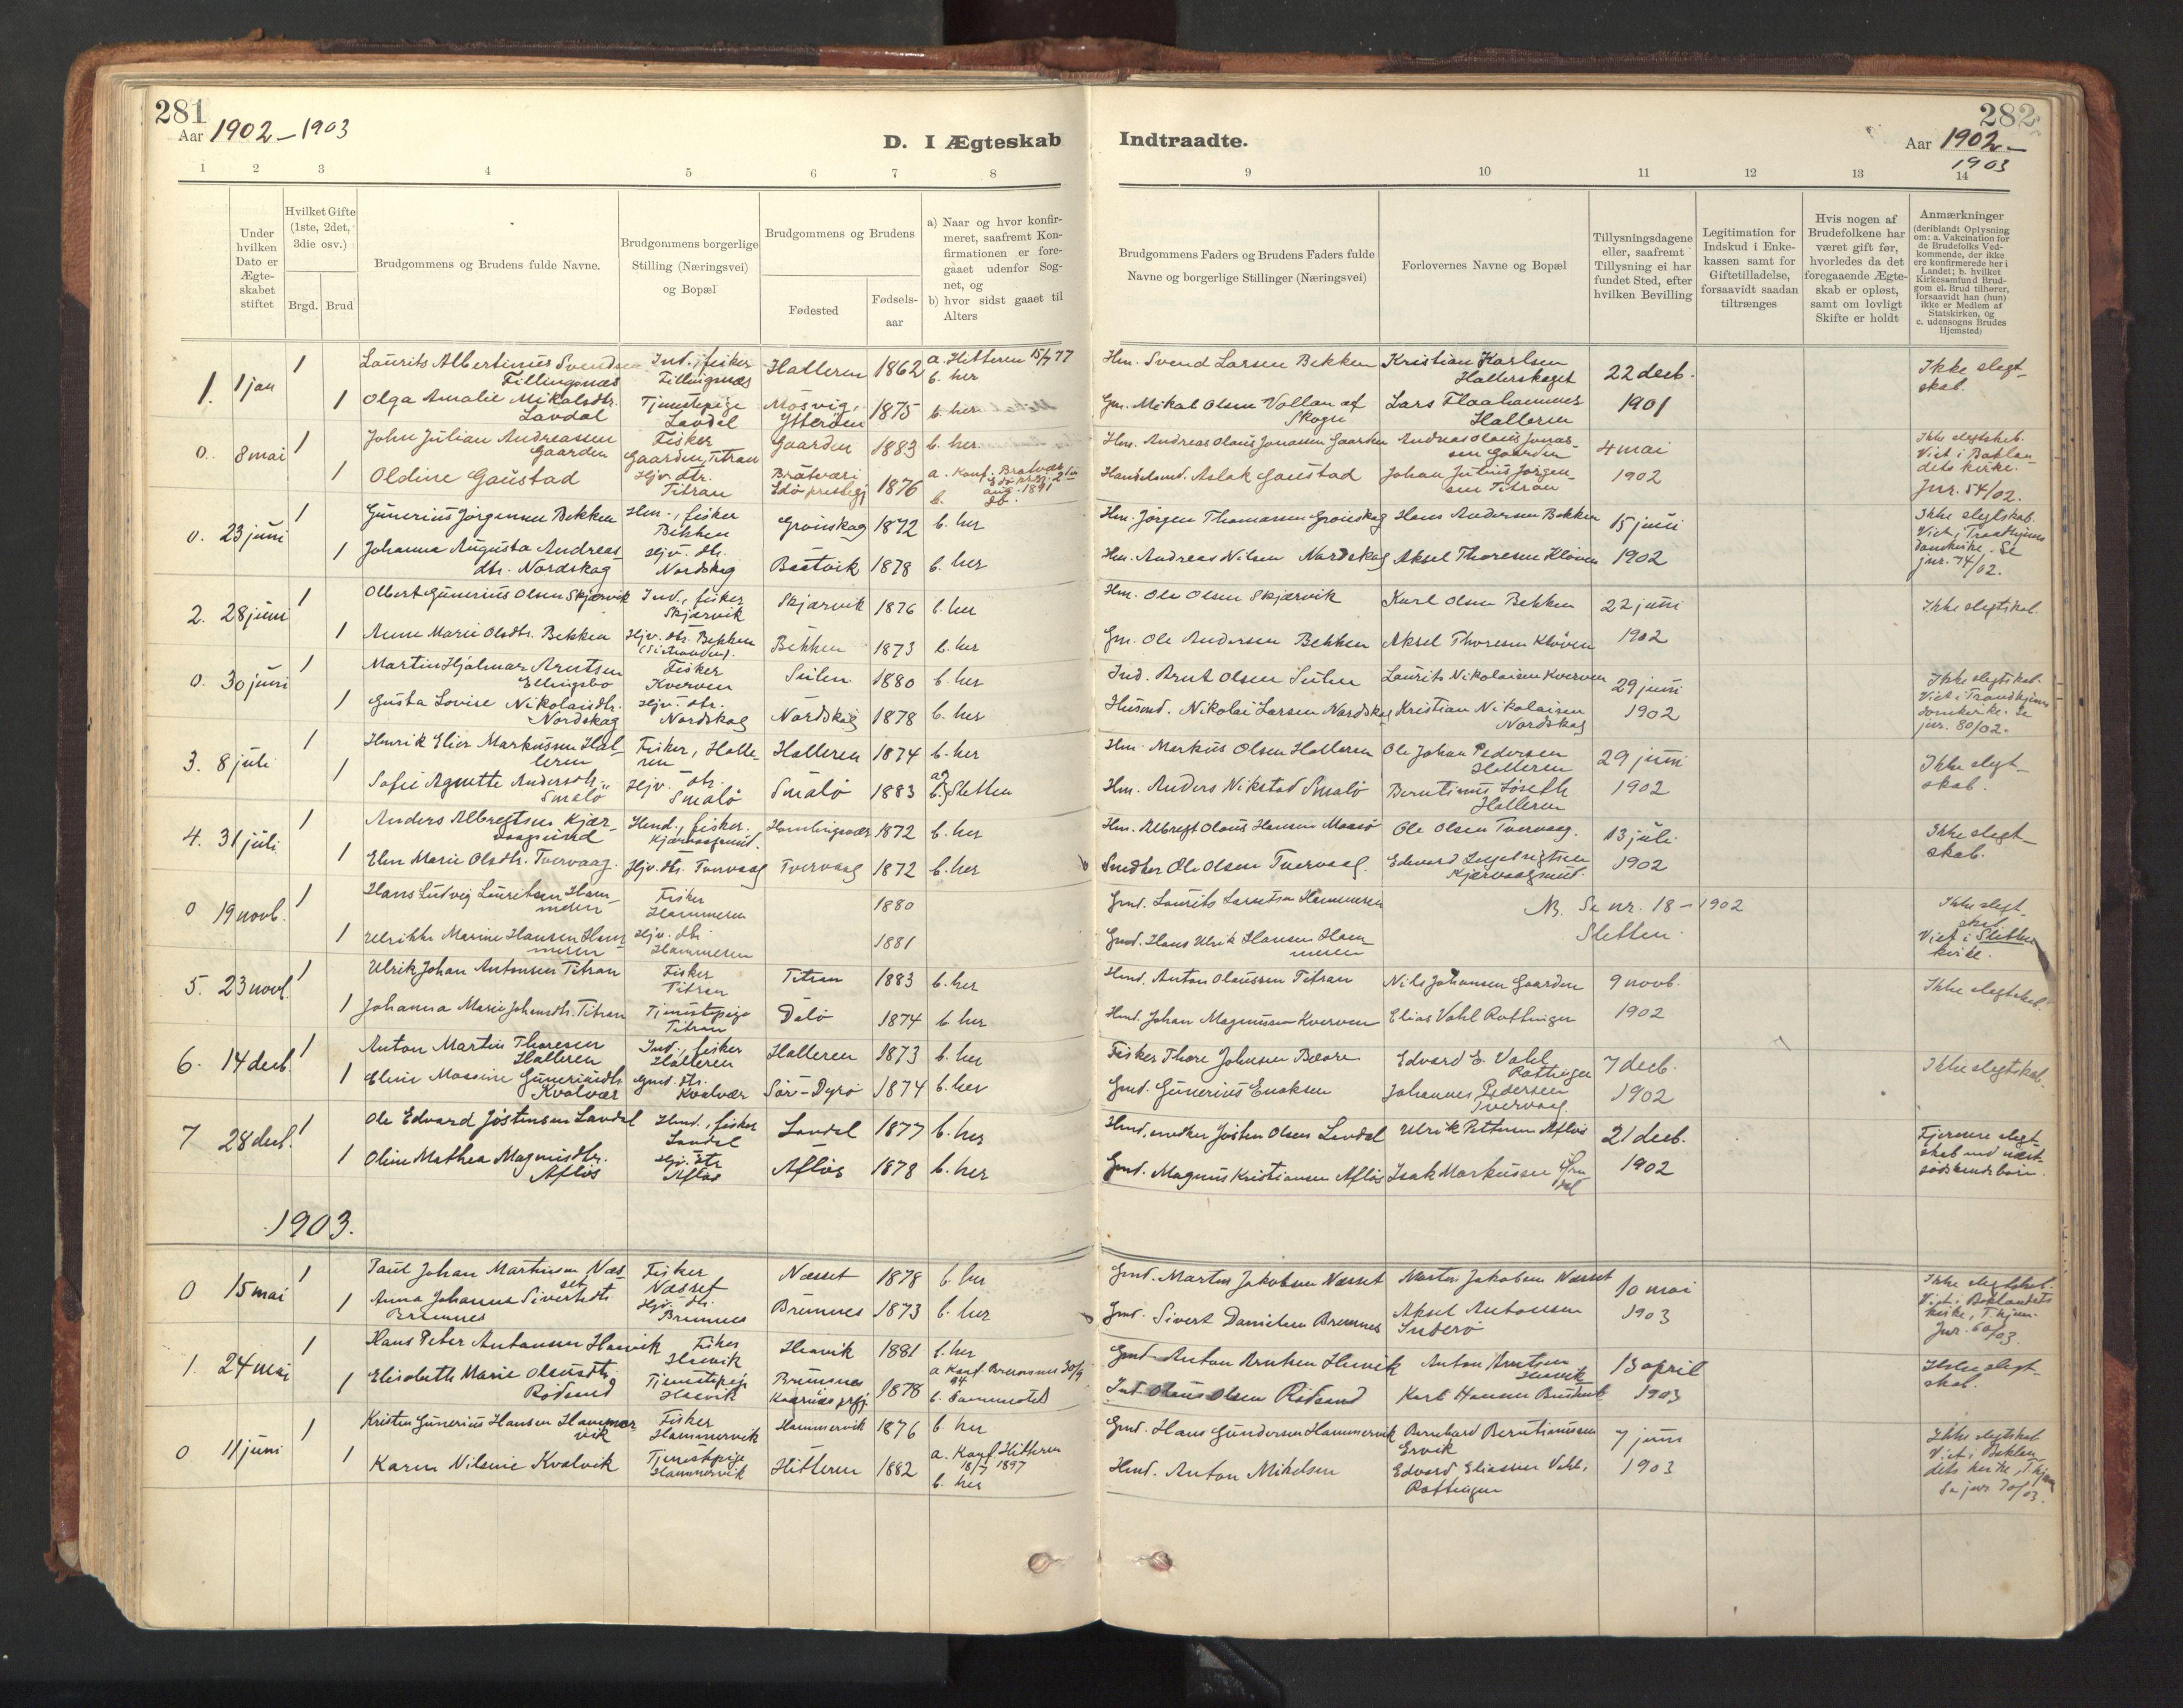 SAT, Ministerialprotokoller, klokkerbøker og fødselsregistre - Sør-Trøndelag, 641/L0596: Ministerialbok nr. 641A02, 1898-1915, s. 281-282